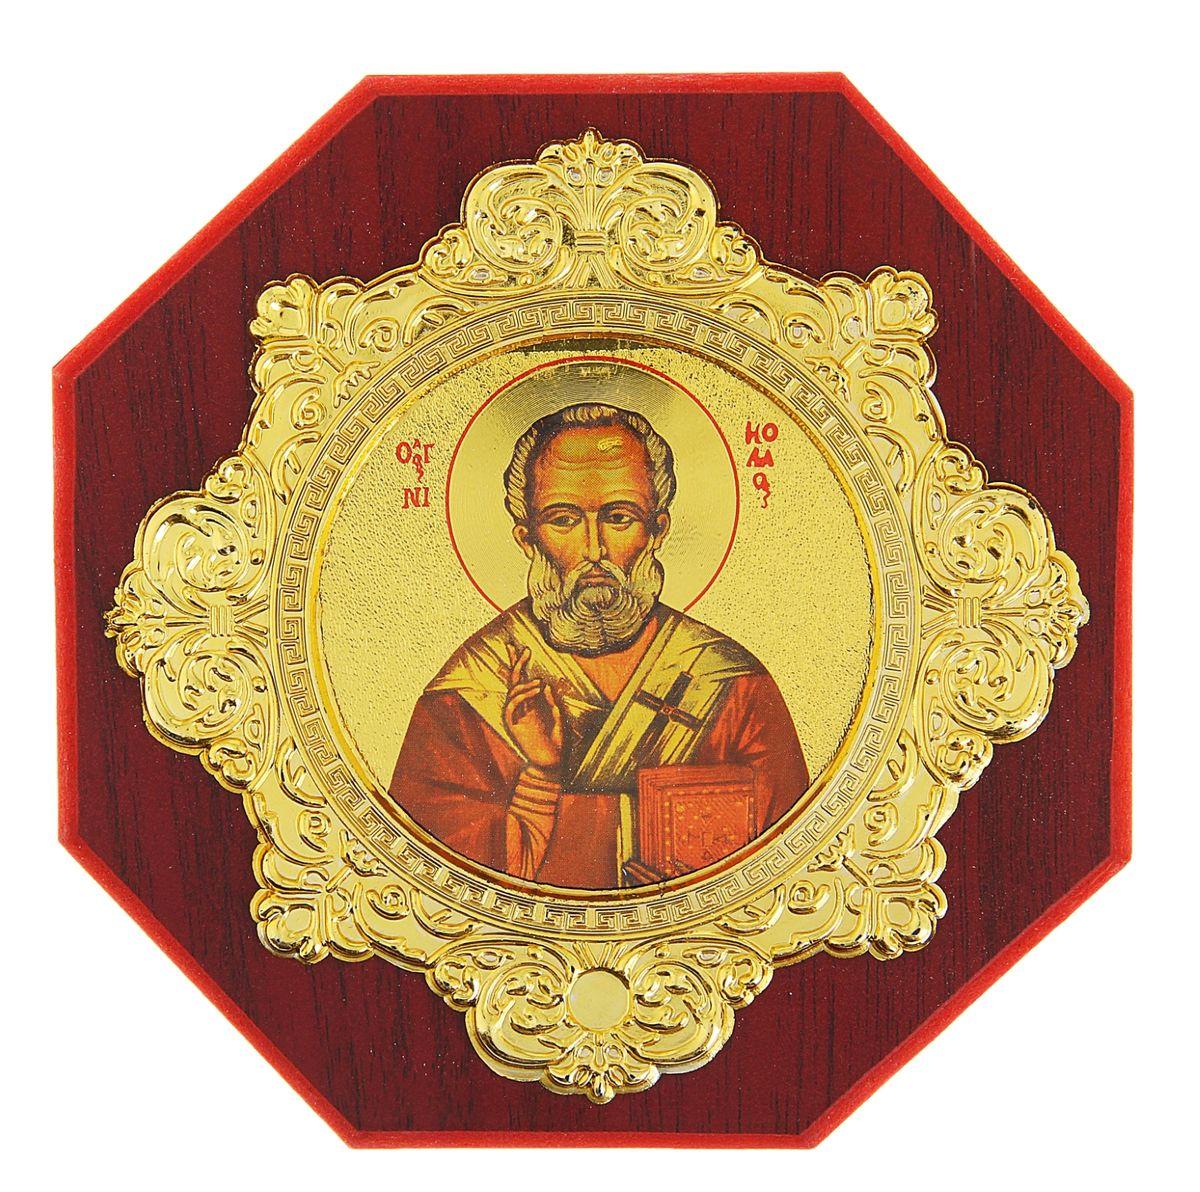 Икона в рамке Sima-land, 14 х 14 см121845Икона Sima-land представляет собой святое изображение на деревянной подставке, украшенной ажурной рамкой. Благодаря подставке икону удобно располагать на столе. Икона полностью соответствует канонам Русской Православной Церкви. Такая икона будет прекрасным подарком с духовной составляющей.